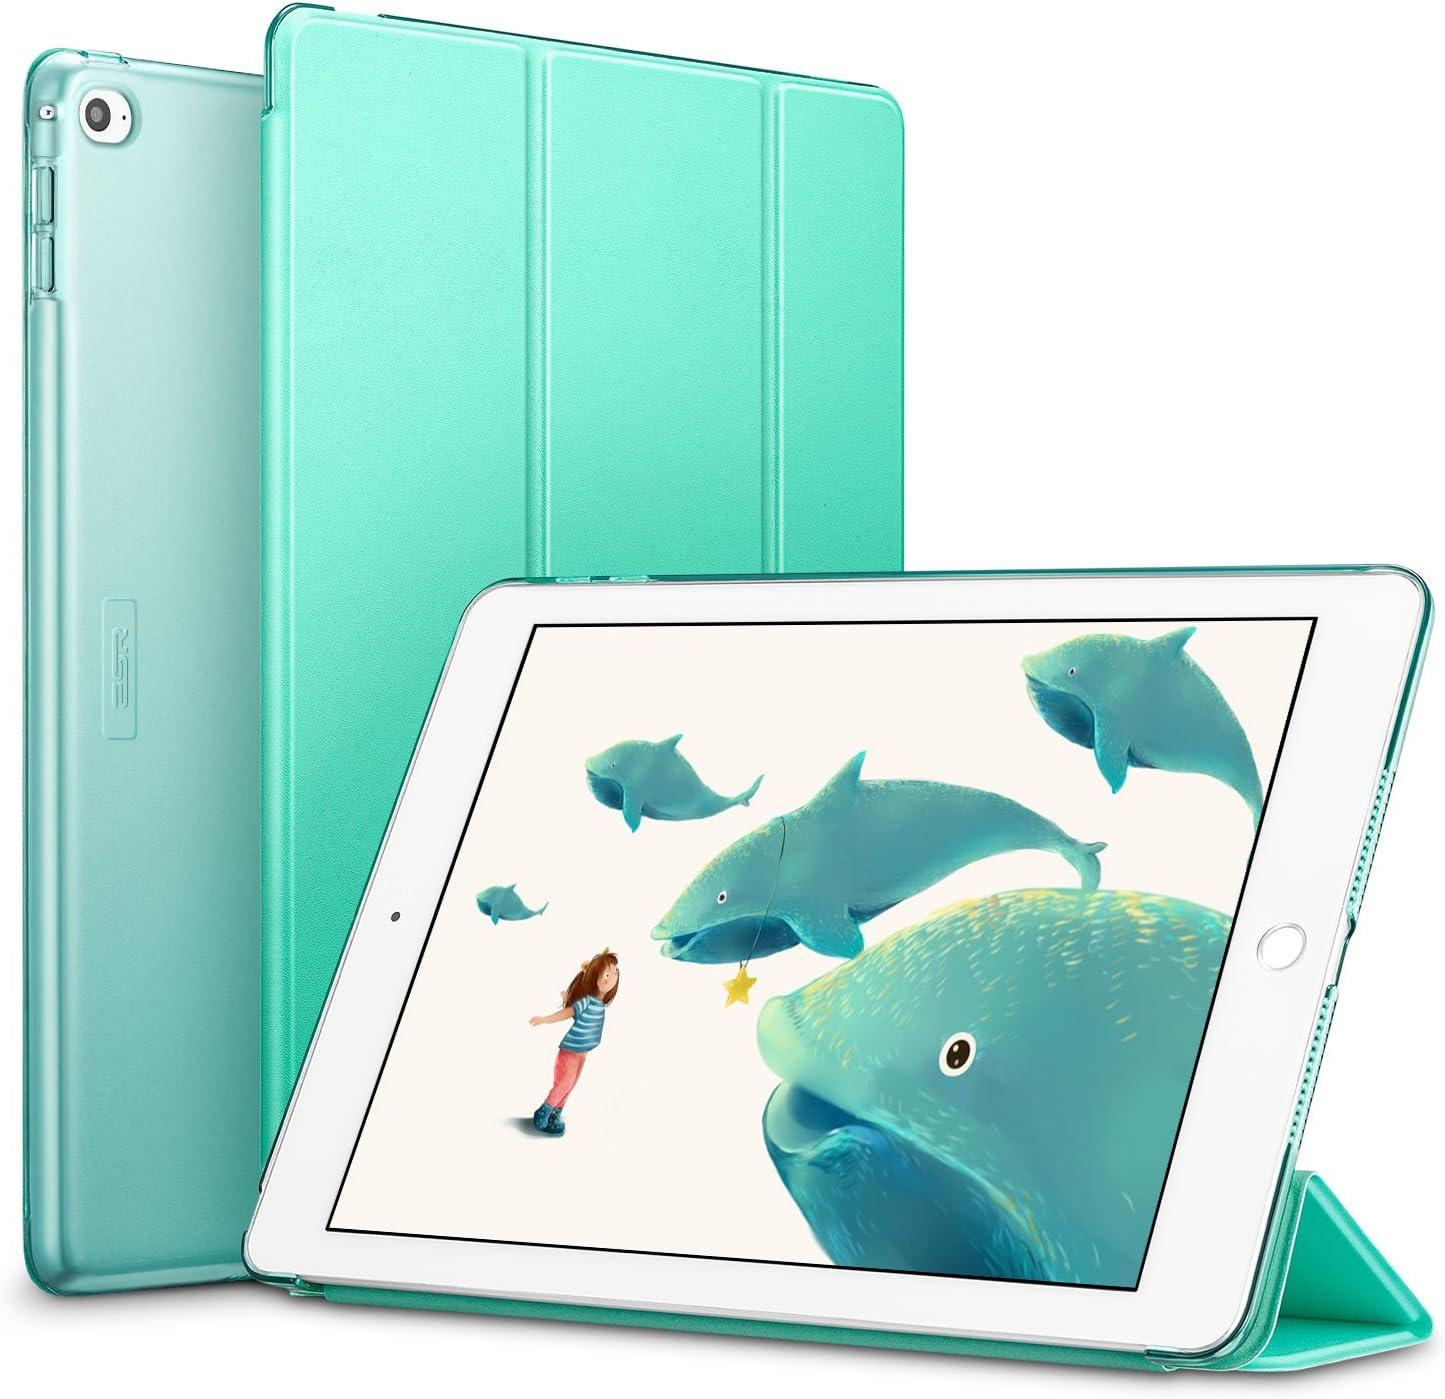 ESR Funda iPad Air 2 Silicona [Auto-Desbloquear] y Función de Soporte [Ligera] de Cuero Sintético y Plástico Duro Transparente Esmerilado Smart Cover Cáscara para iPad Air 2 -Menta